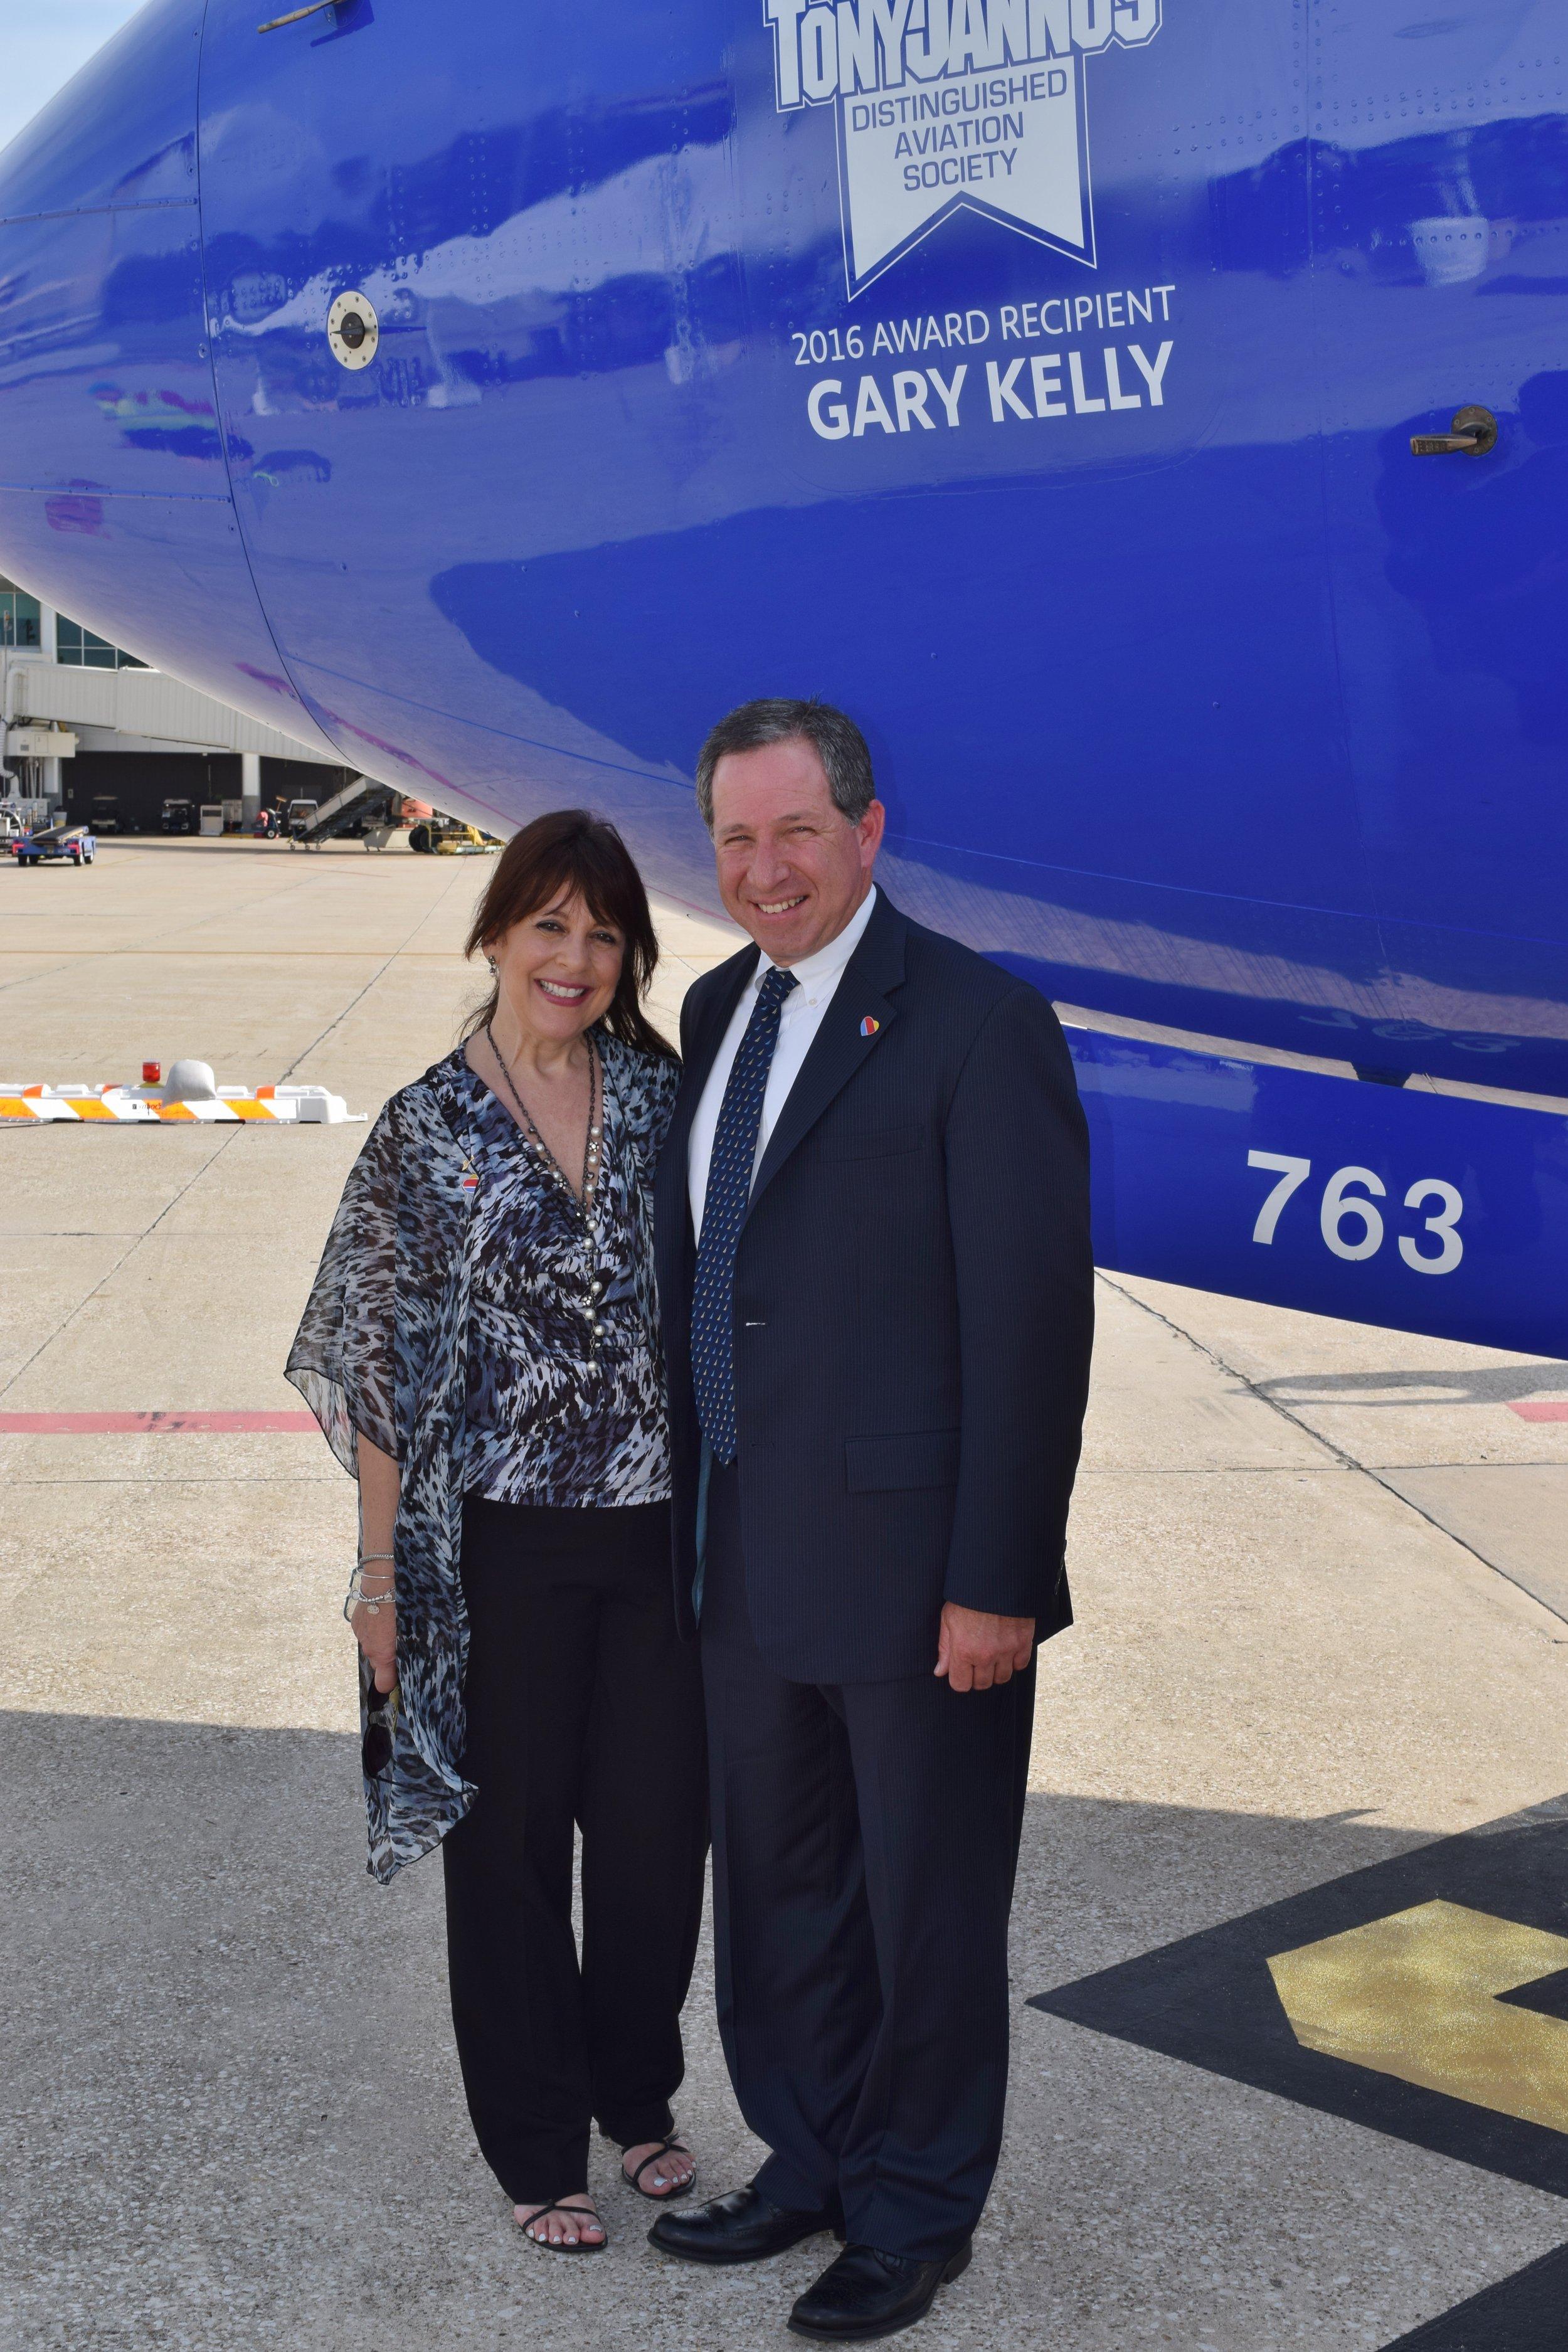 Alison Hoefler & Steve Goldberg - 1, 20 May '16.JPG